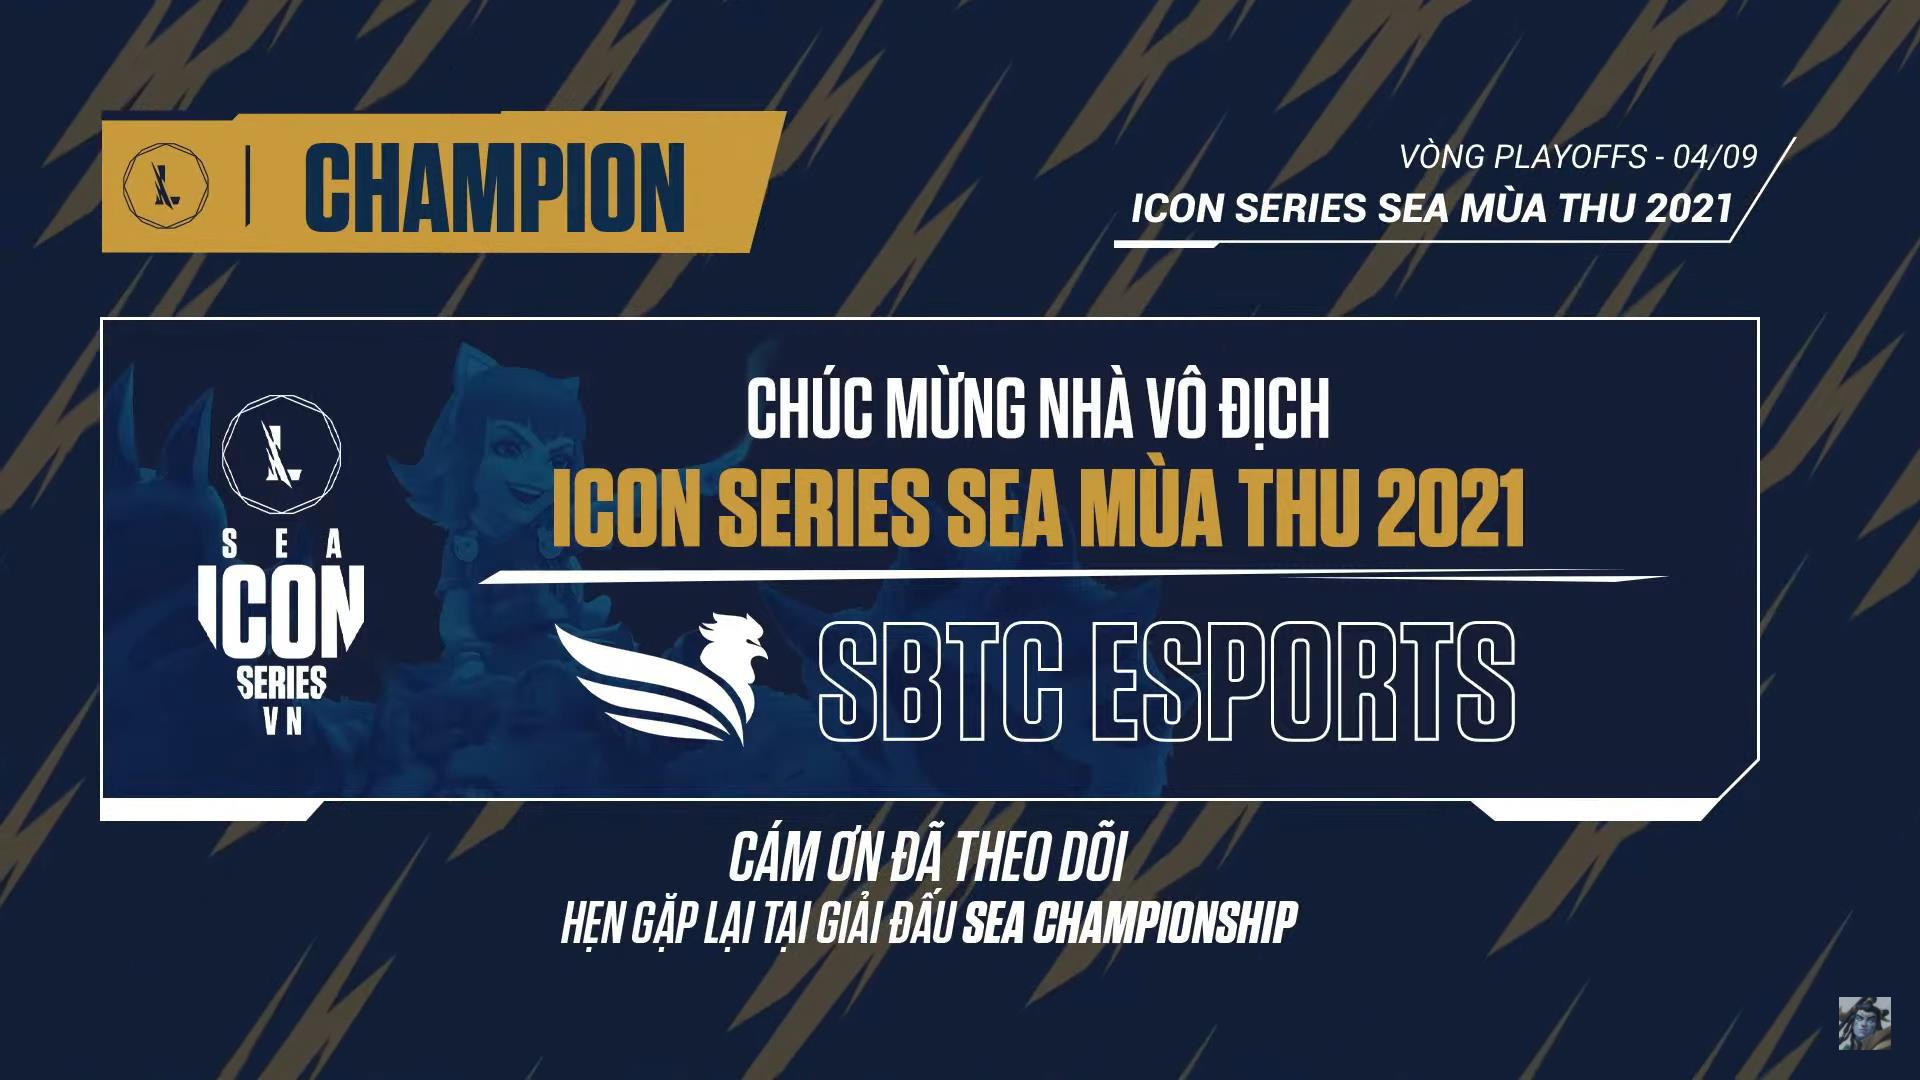 Icon Series SEA mùa Thu, bước đệm của LMHT: Tốc Chiến Việt Nam ra đấu trường thế giới - Ảnh 8.